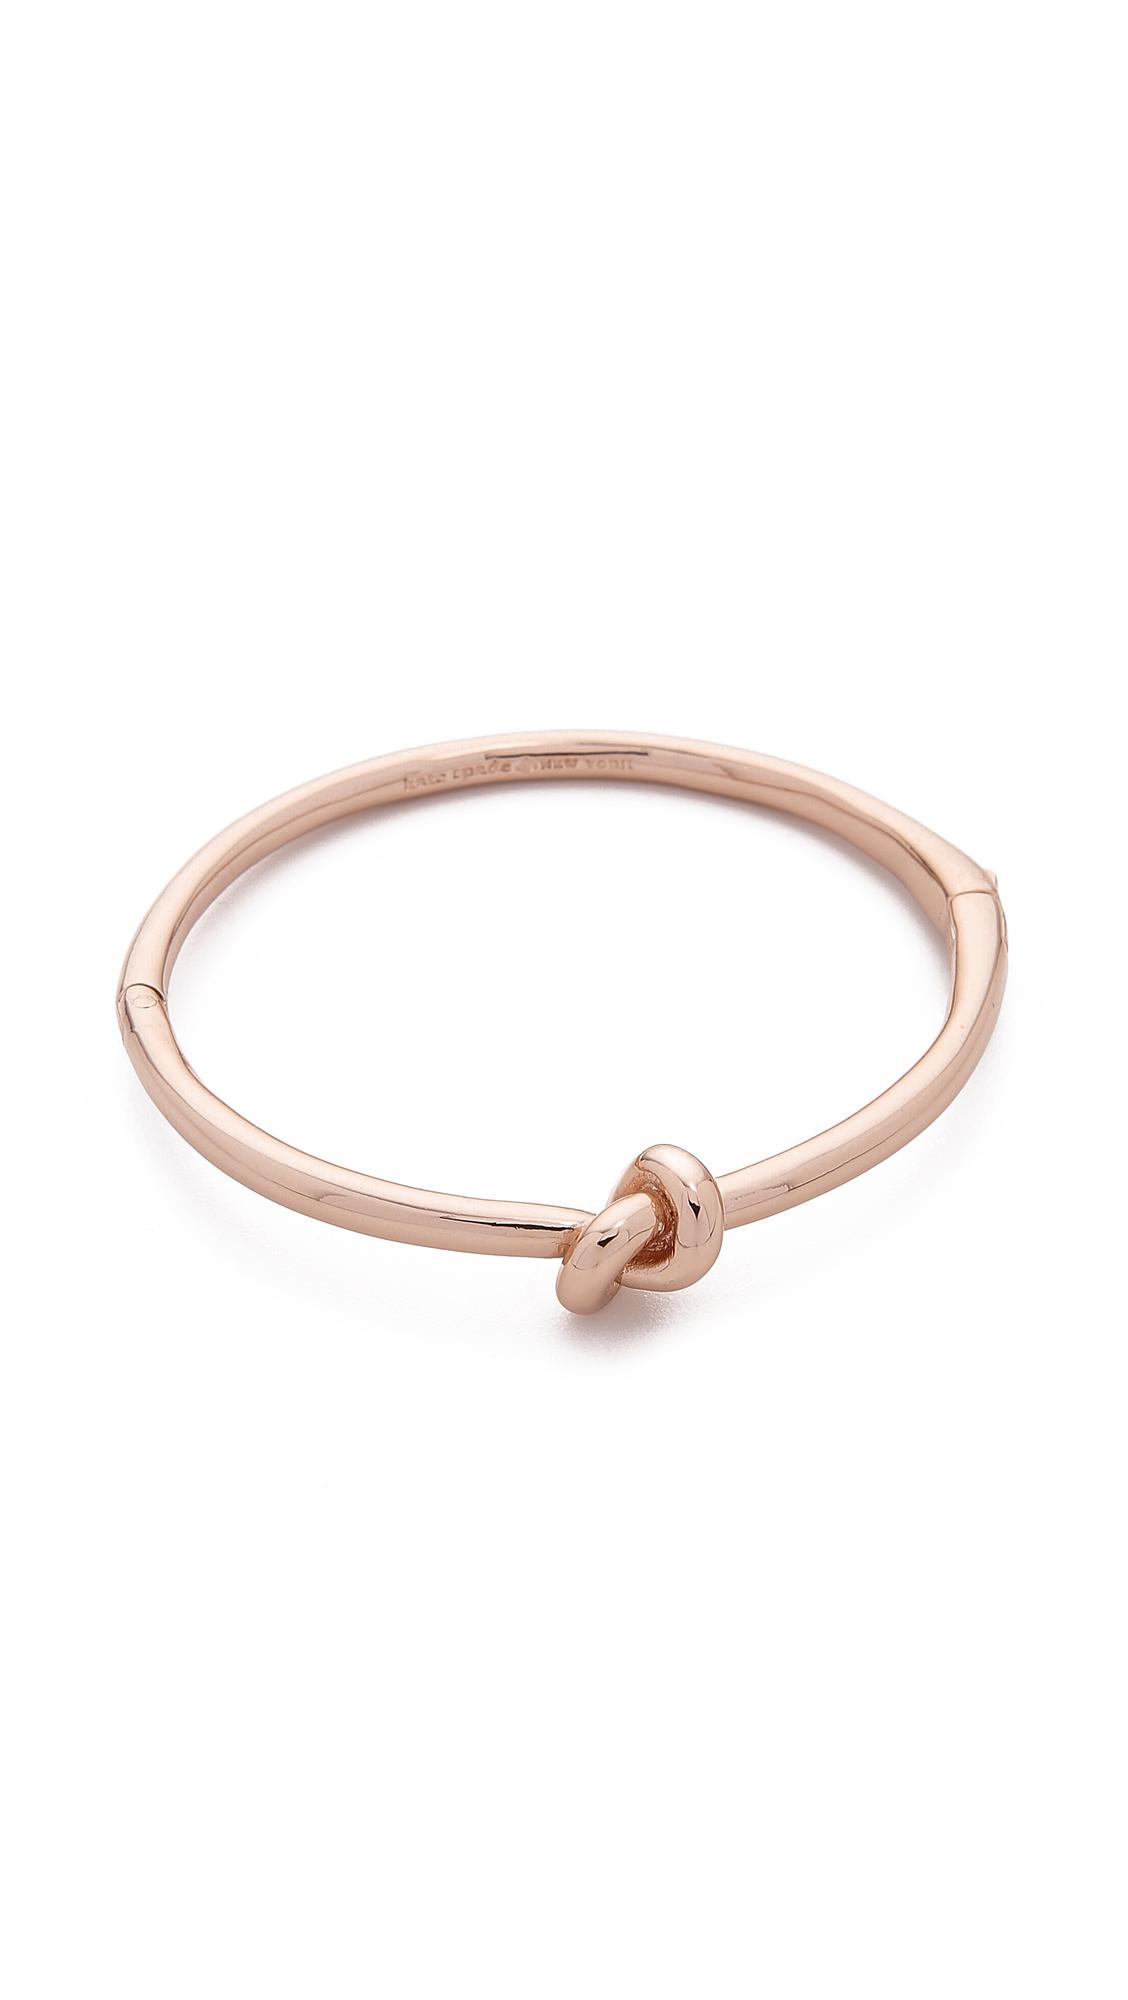 Kate Spade Sailor S Knot Bangle Bracelet Rose Gold In